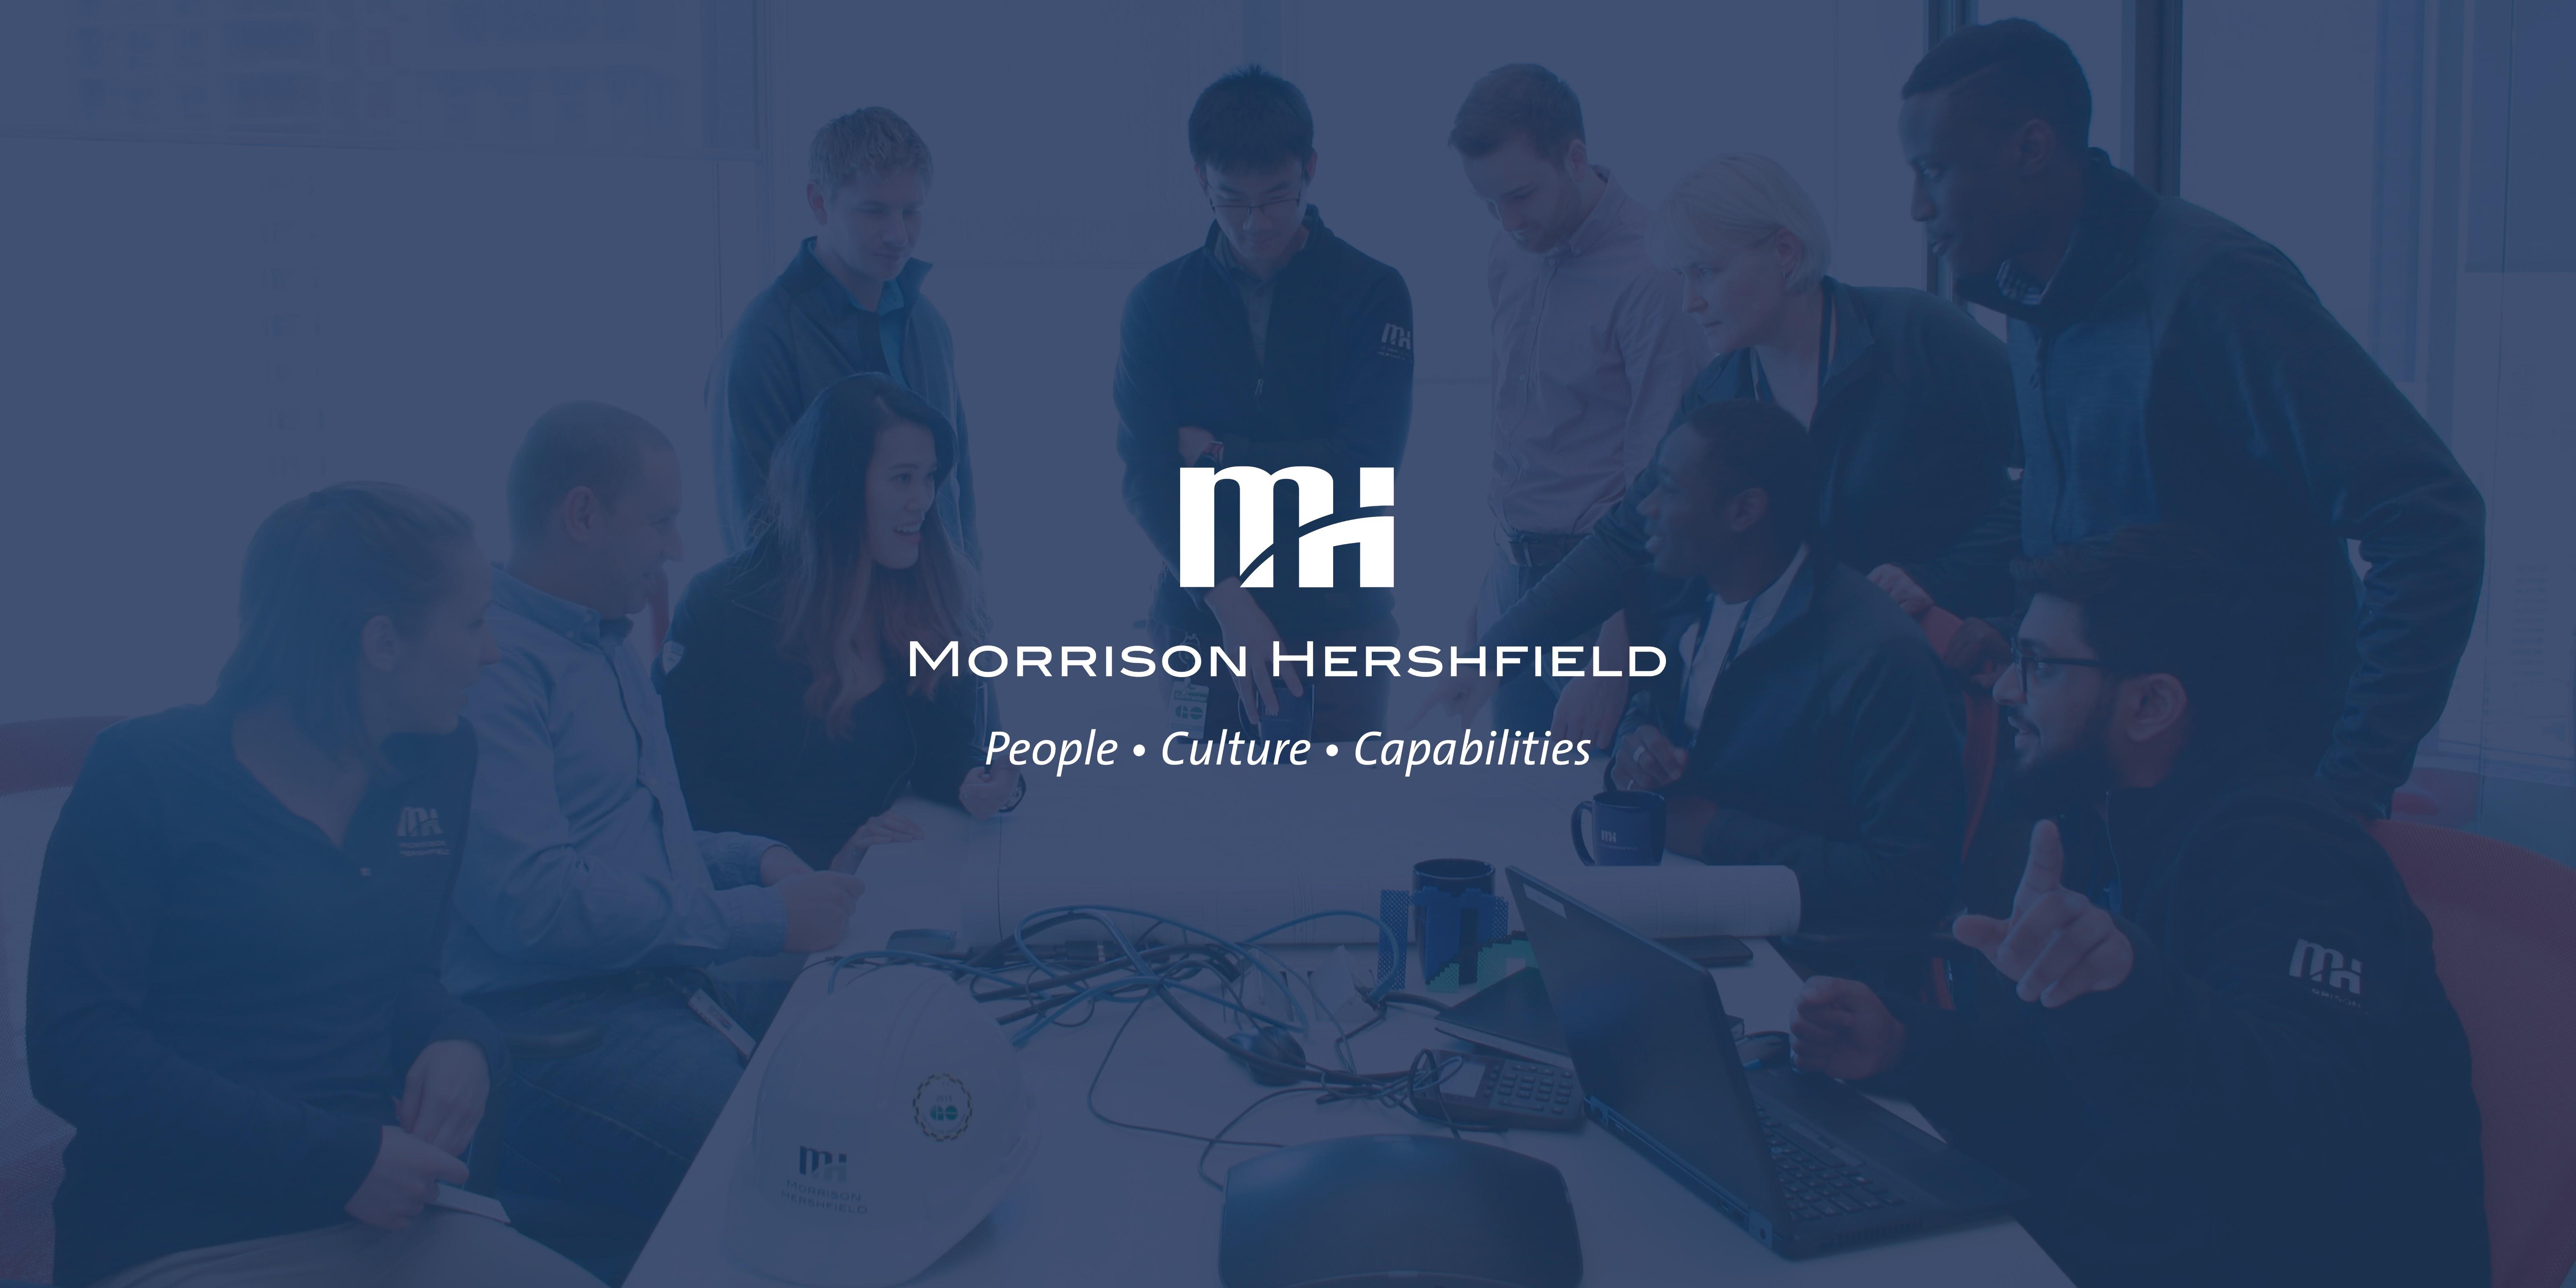 Morrison Hershfield   LinkedIn